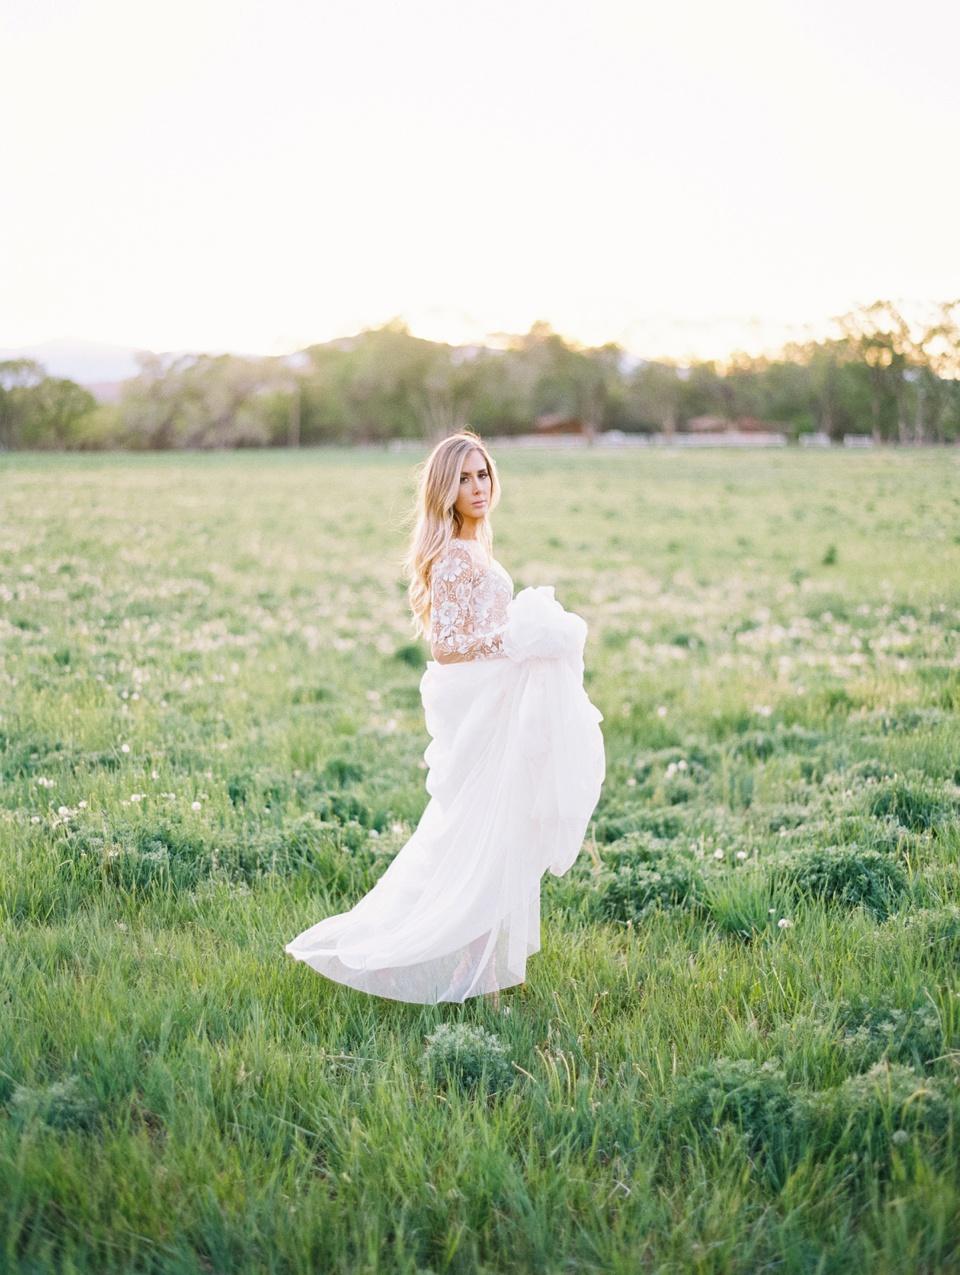 Becca Lea Photography, Santa Fe Weddings